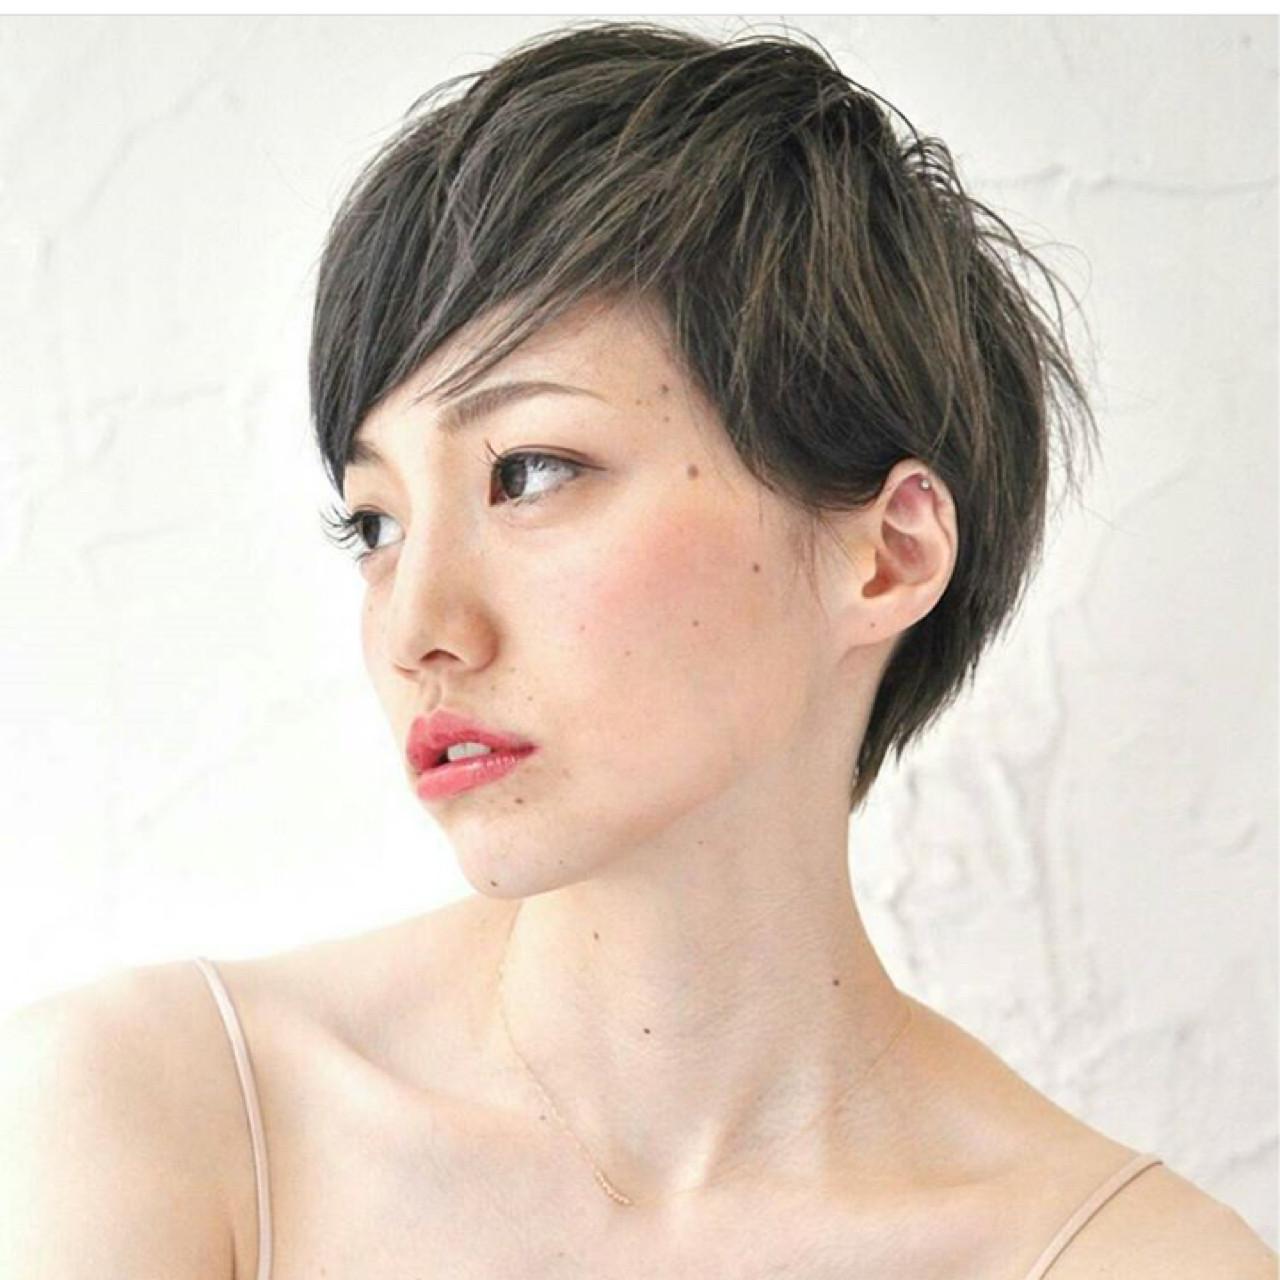 アッシュ フェミニン 大人女子 こなれ感 ヘアスタイルや髪型の写真・画像 | KAHO YANAGIHARA /